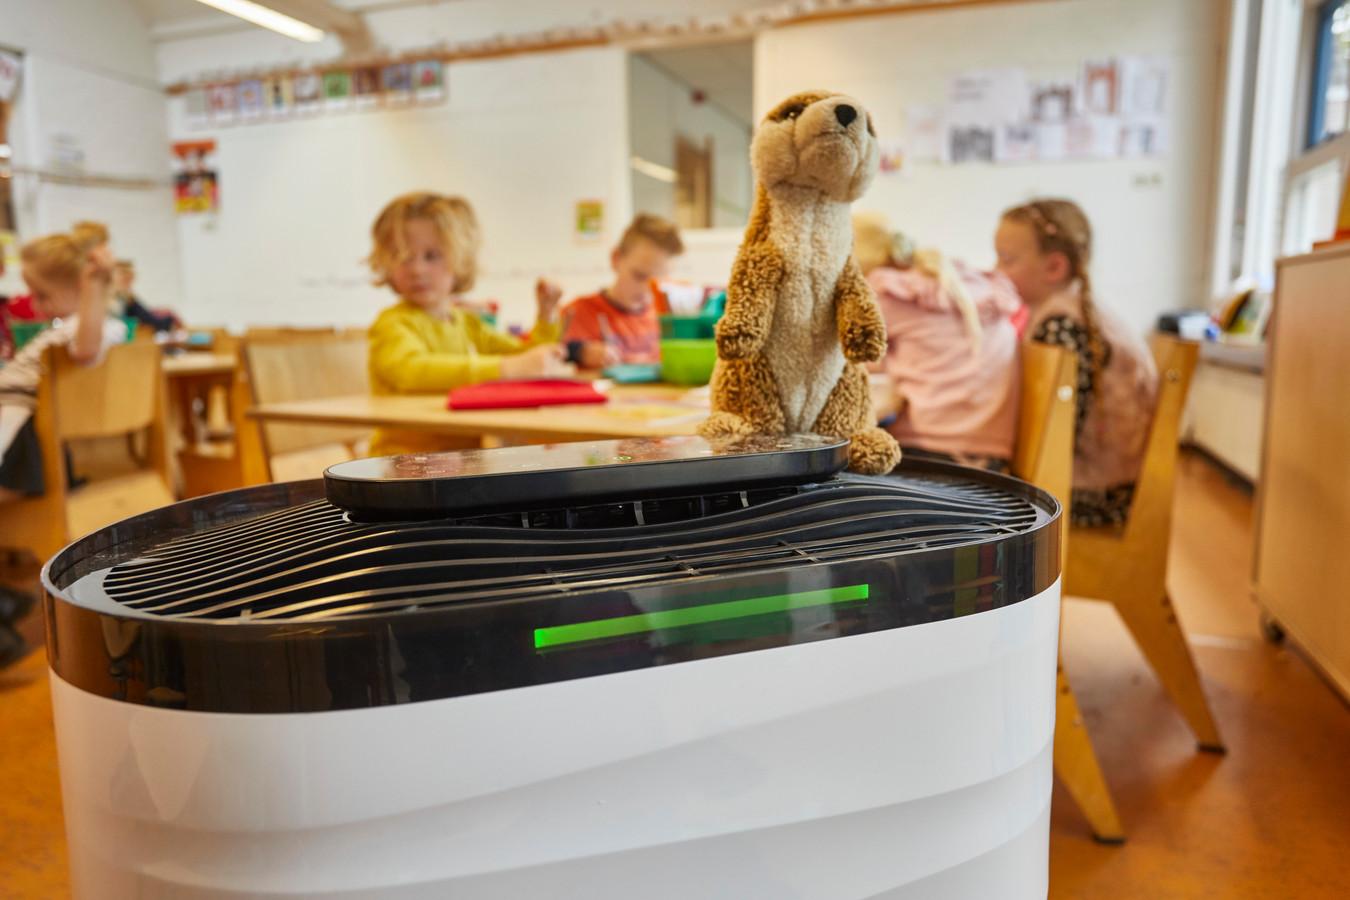 Basisschool CBS Arcade in Warnsveld heeft een experimentele ventilator. Via gekleurd ledlicht geeft hij de kwaliteit op het moment aan.